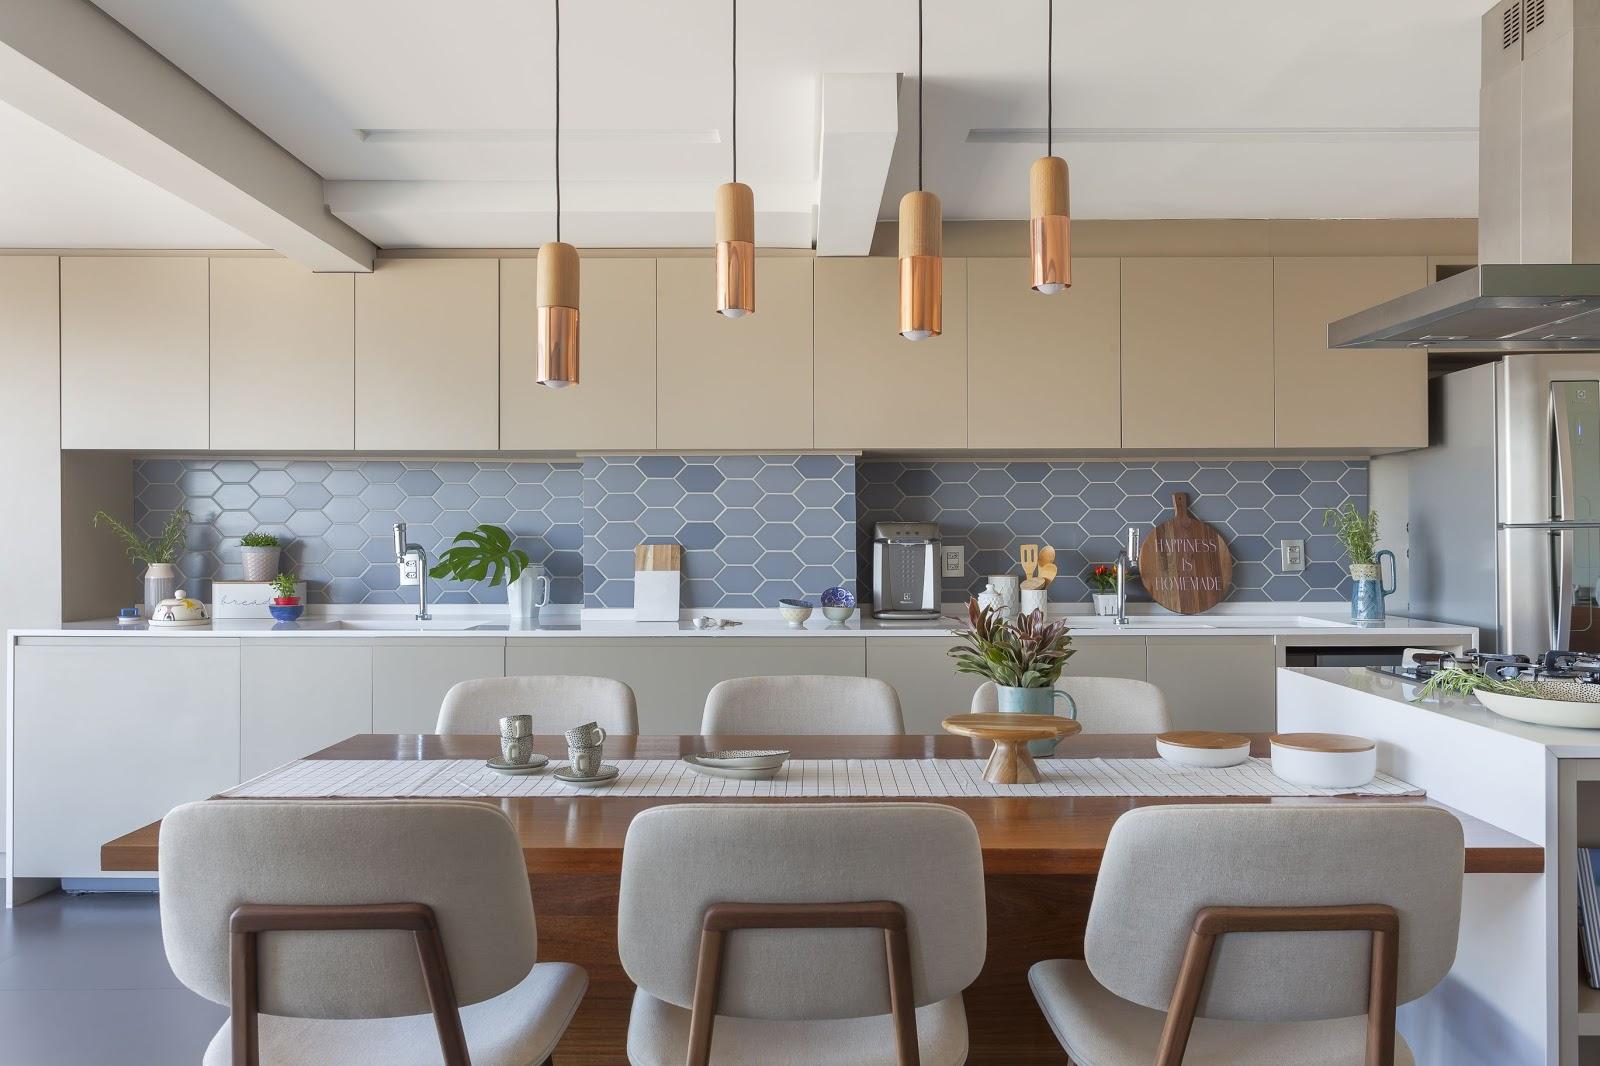 cozinha revestimento hexagonal degradê azul